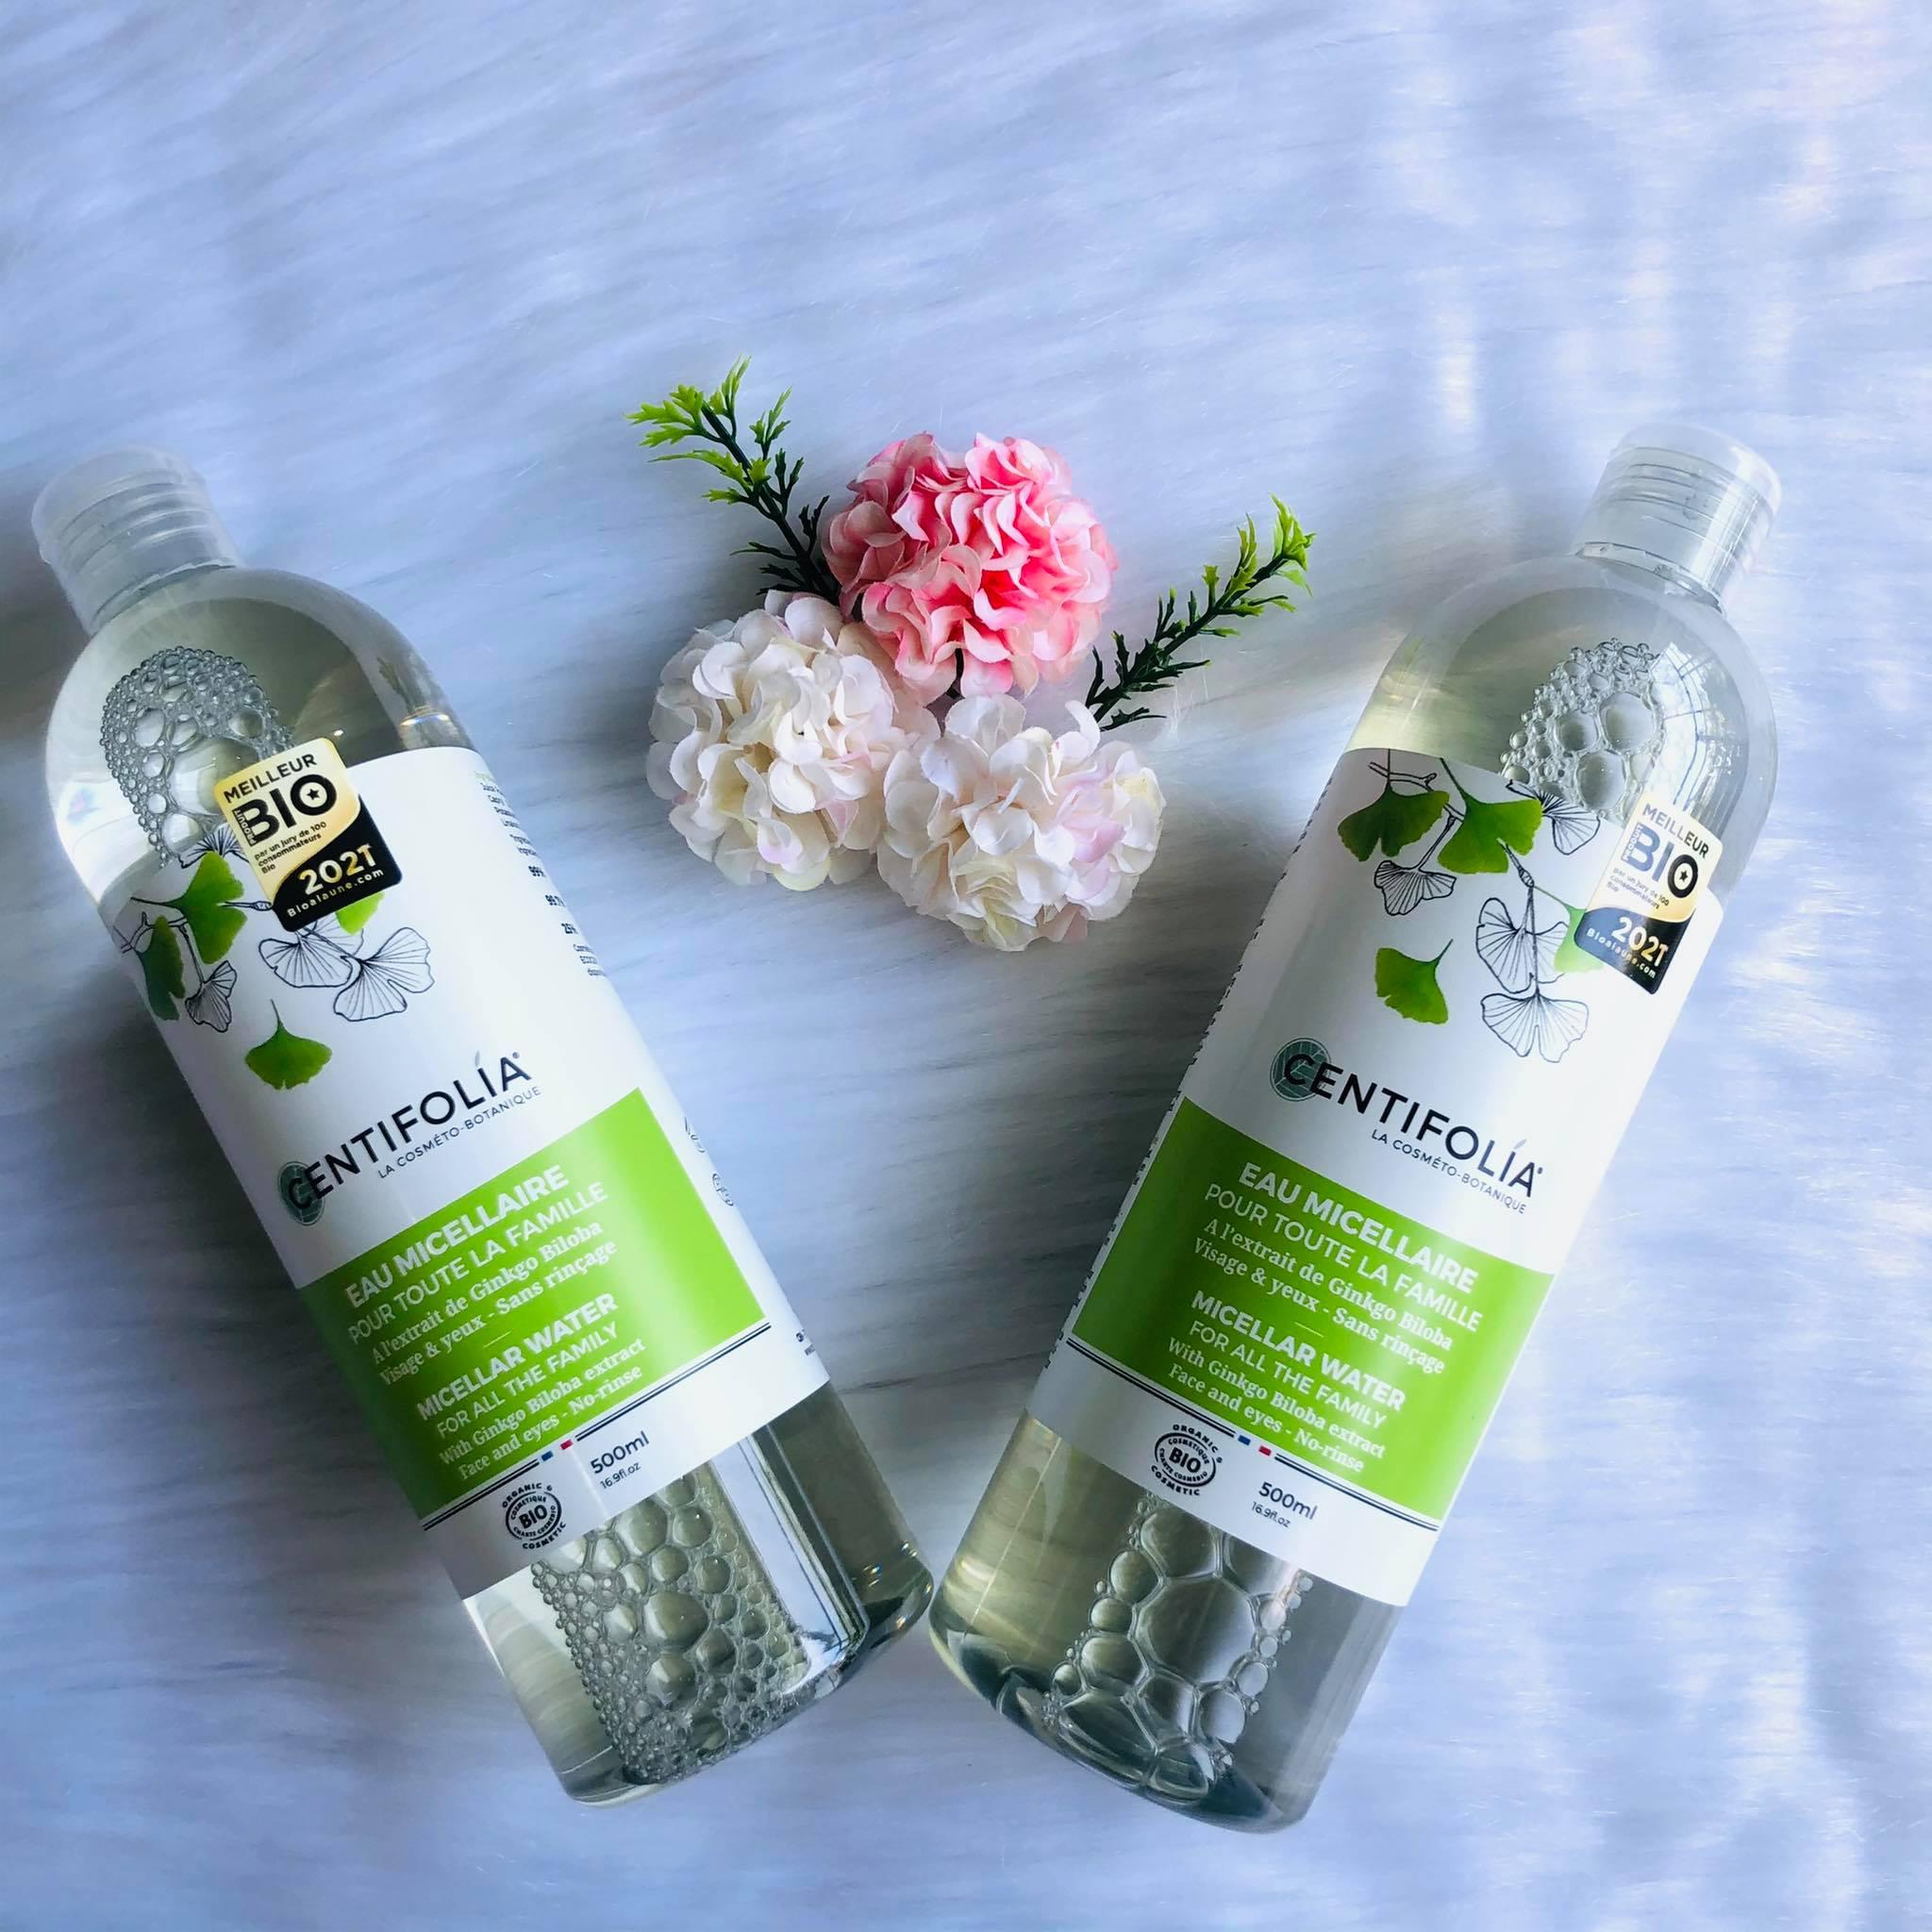 Nước tẩy trang rau má centifolia pháp 500ml